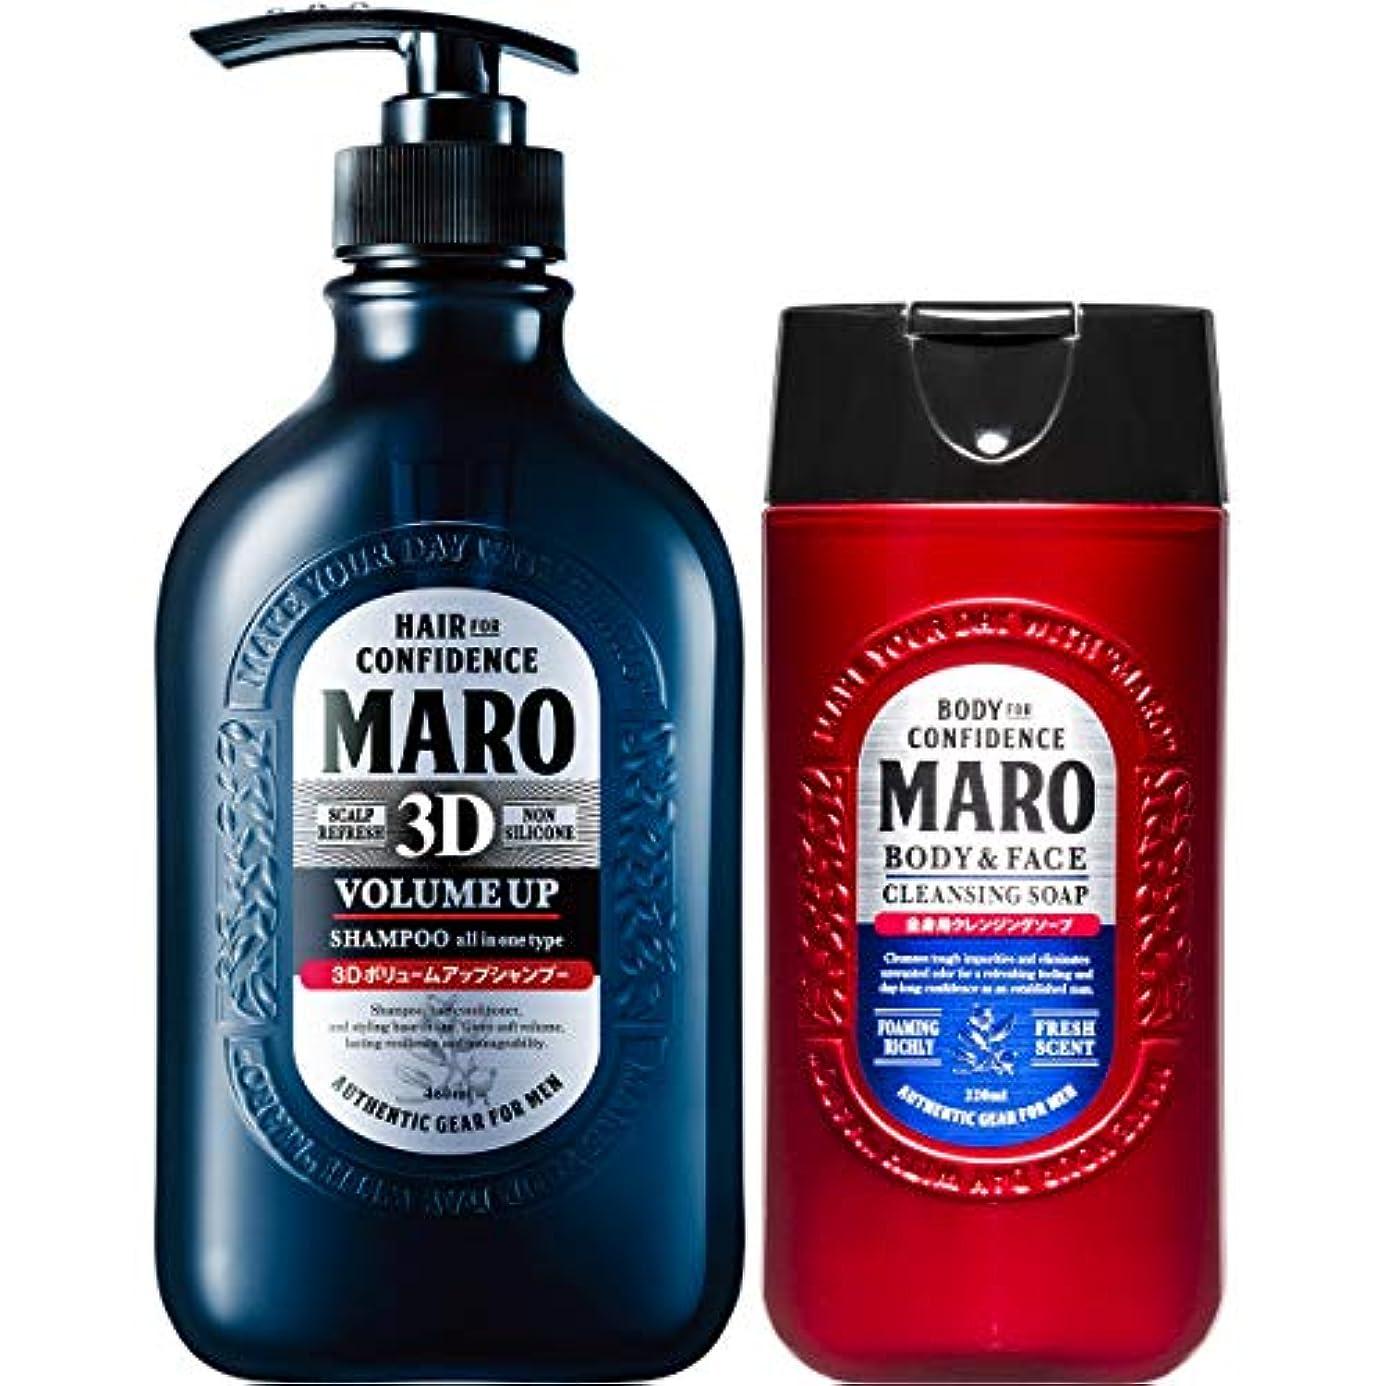 果てしない看板文字通りMARO(マーロ) ボリュームアップシャンプー、クレンジングソープ 本体 460ml+クレンジングソープ220ml